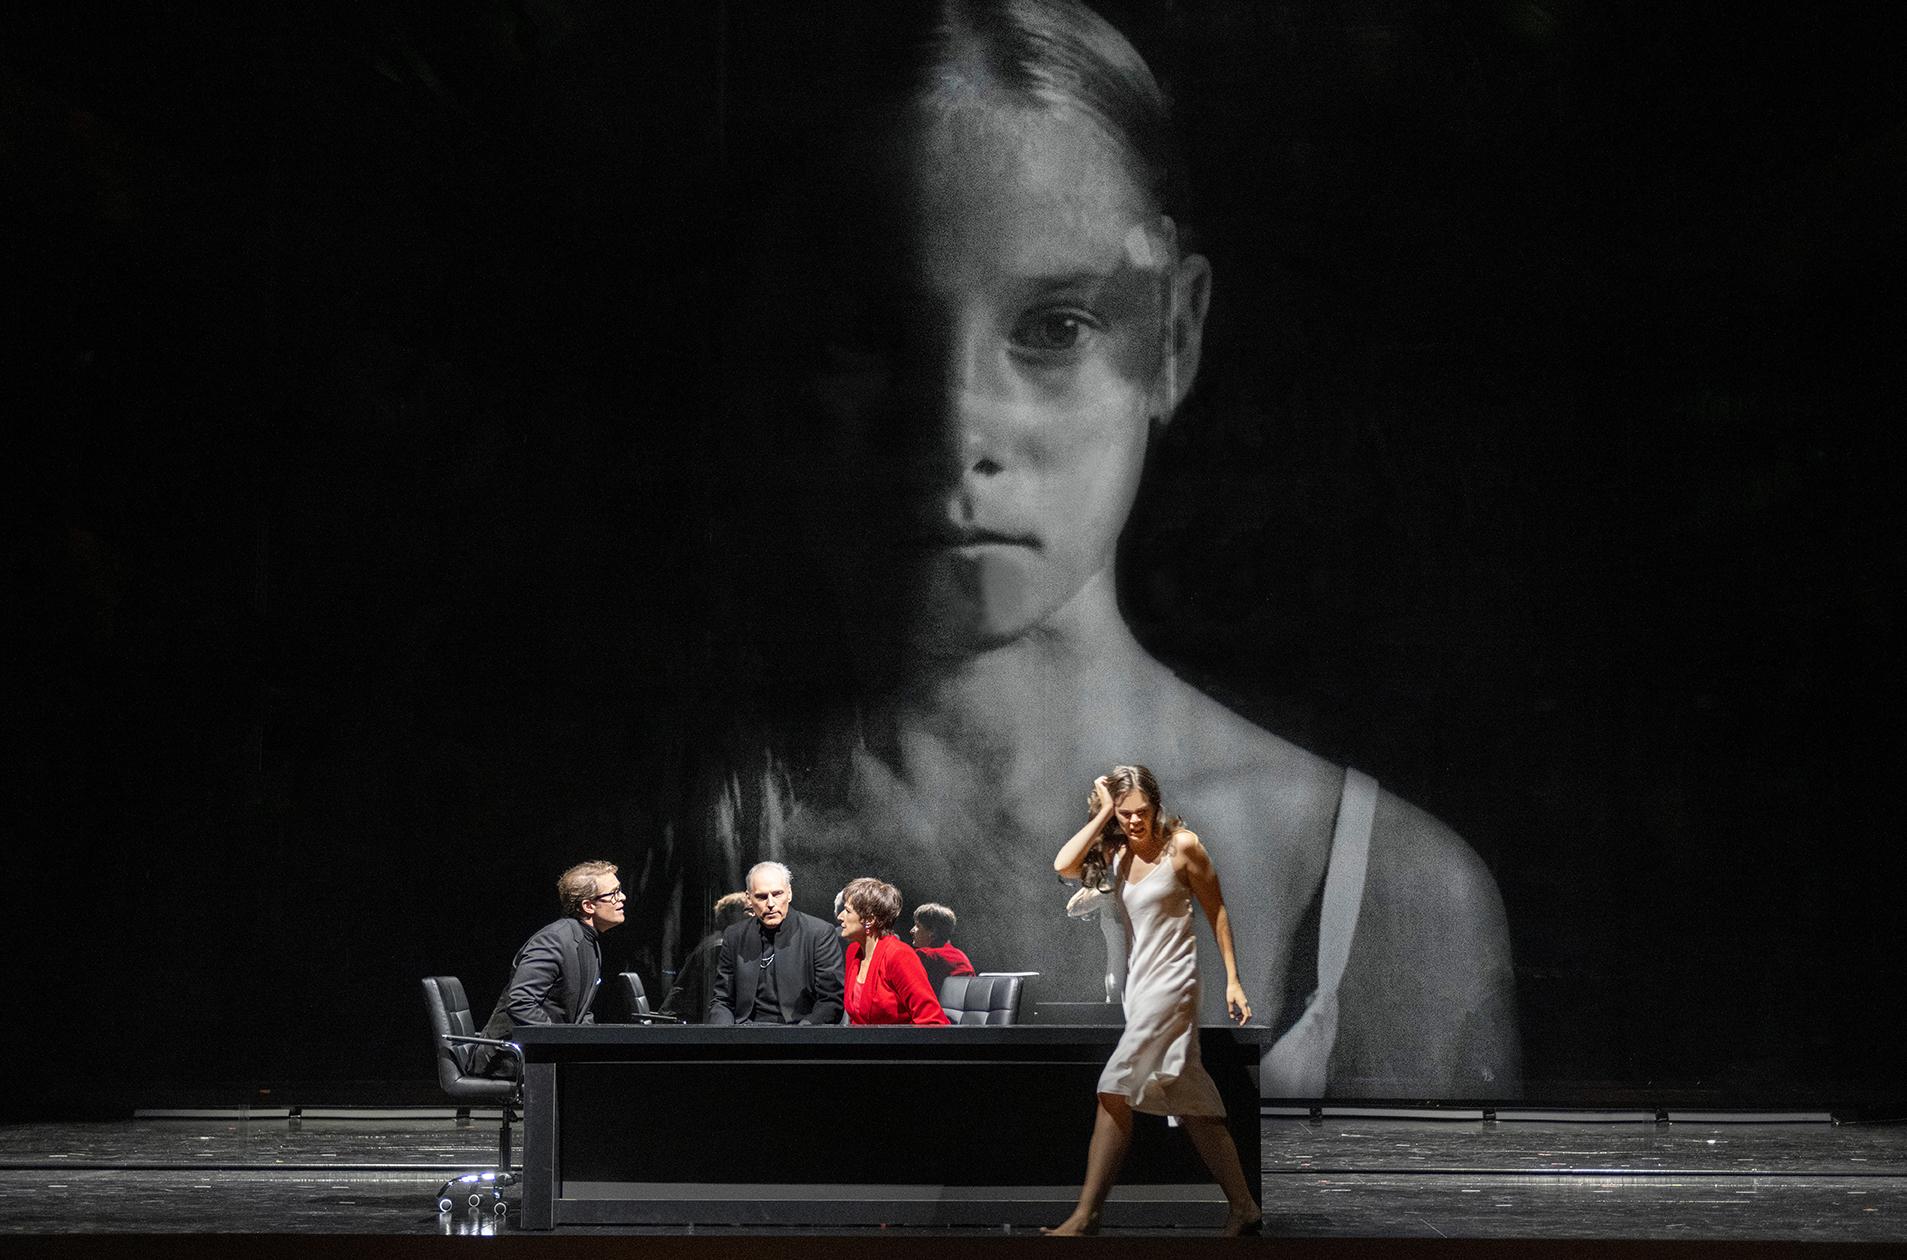 trionfo-2021-c-sf-monika-rittershaus-19small